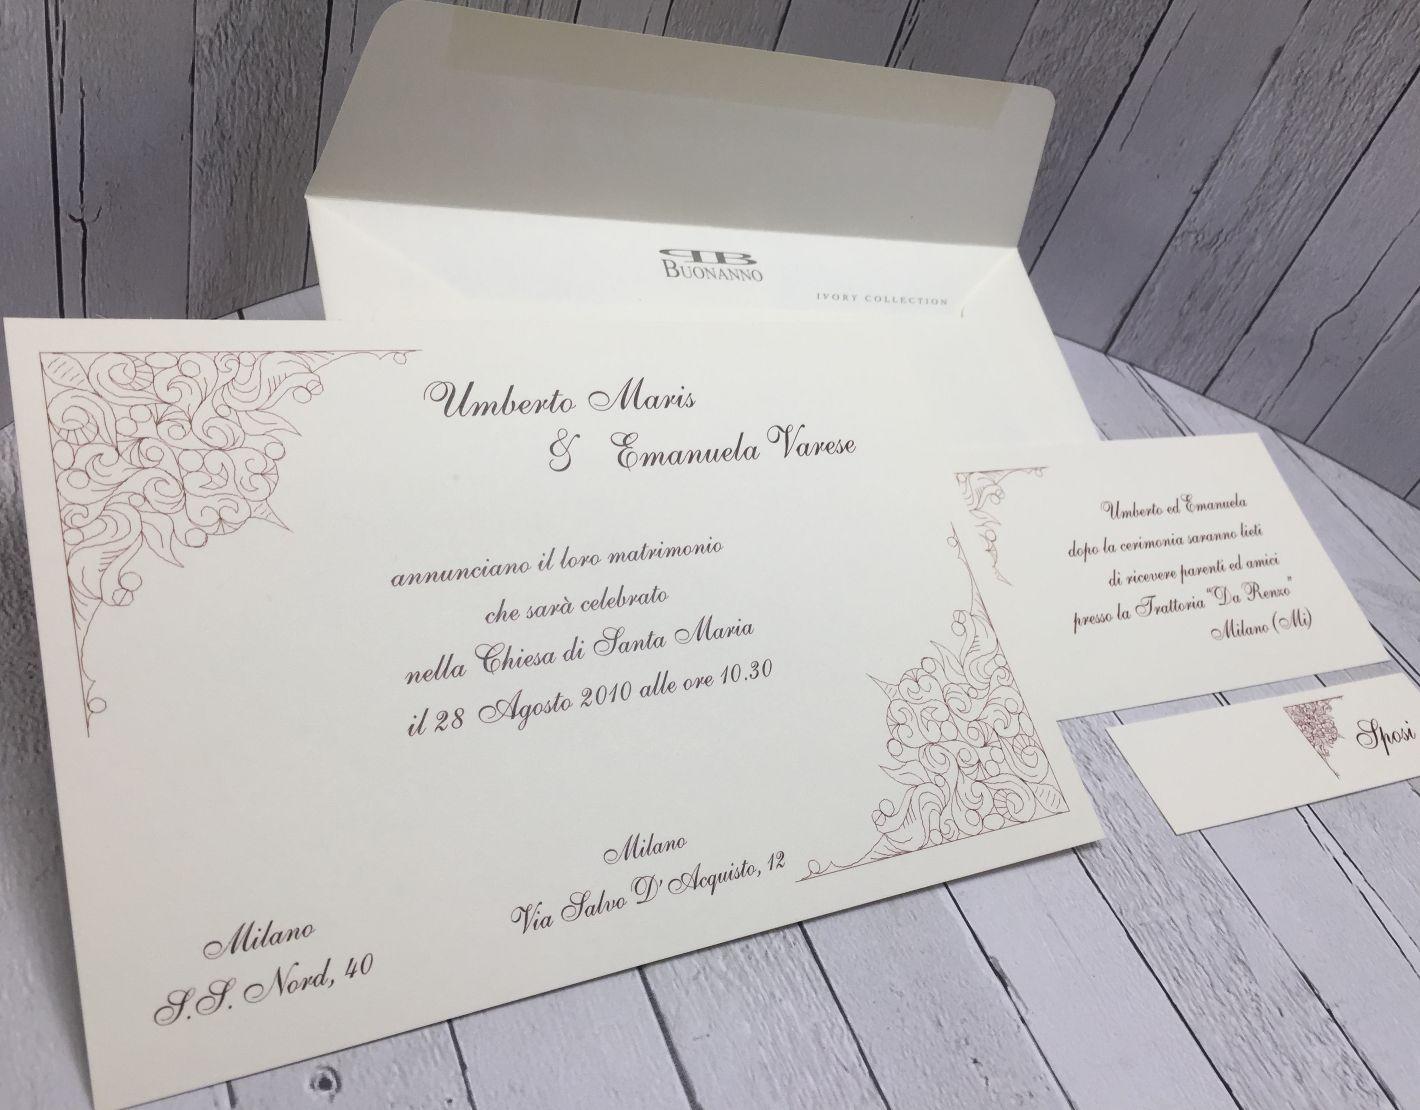 Partecipazioni Matrimonio Varese.Partecipazioni Matrimonio Inviti Nozze Buonanno N010 Sposi Ebay